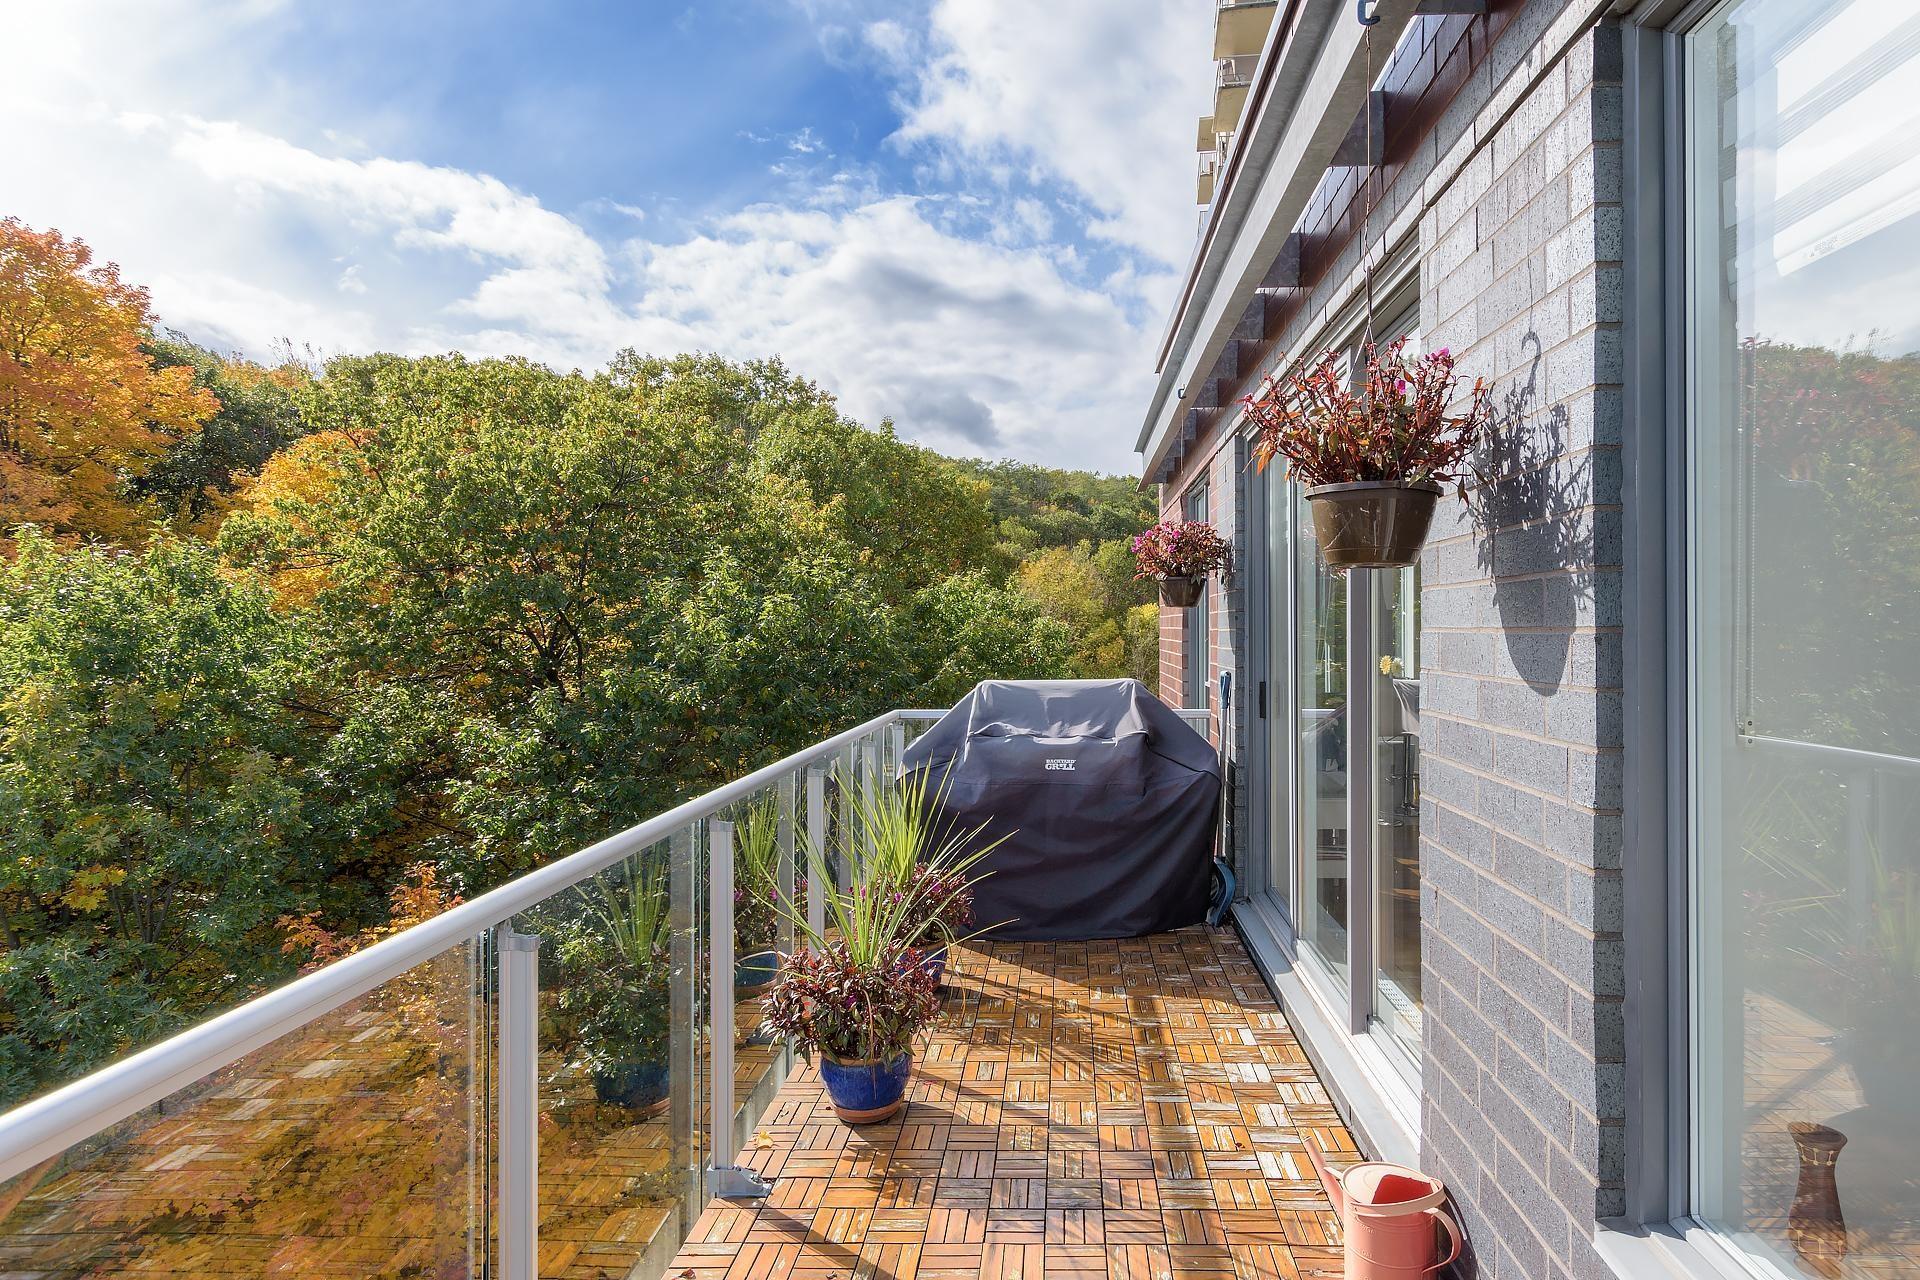 image 21 - Apartment For rent Côte-des-Neiges/Notre-Dame-de-Grâce Montréal  - 5 rooms